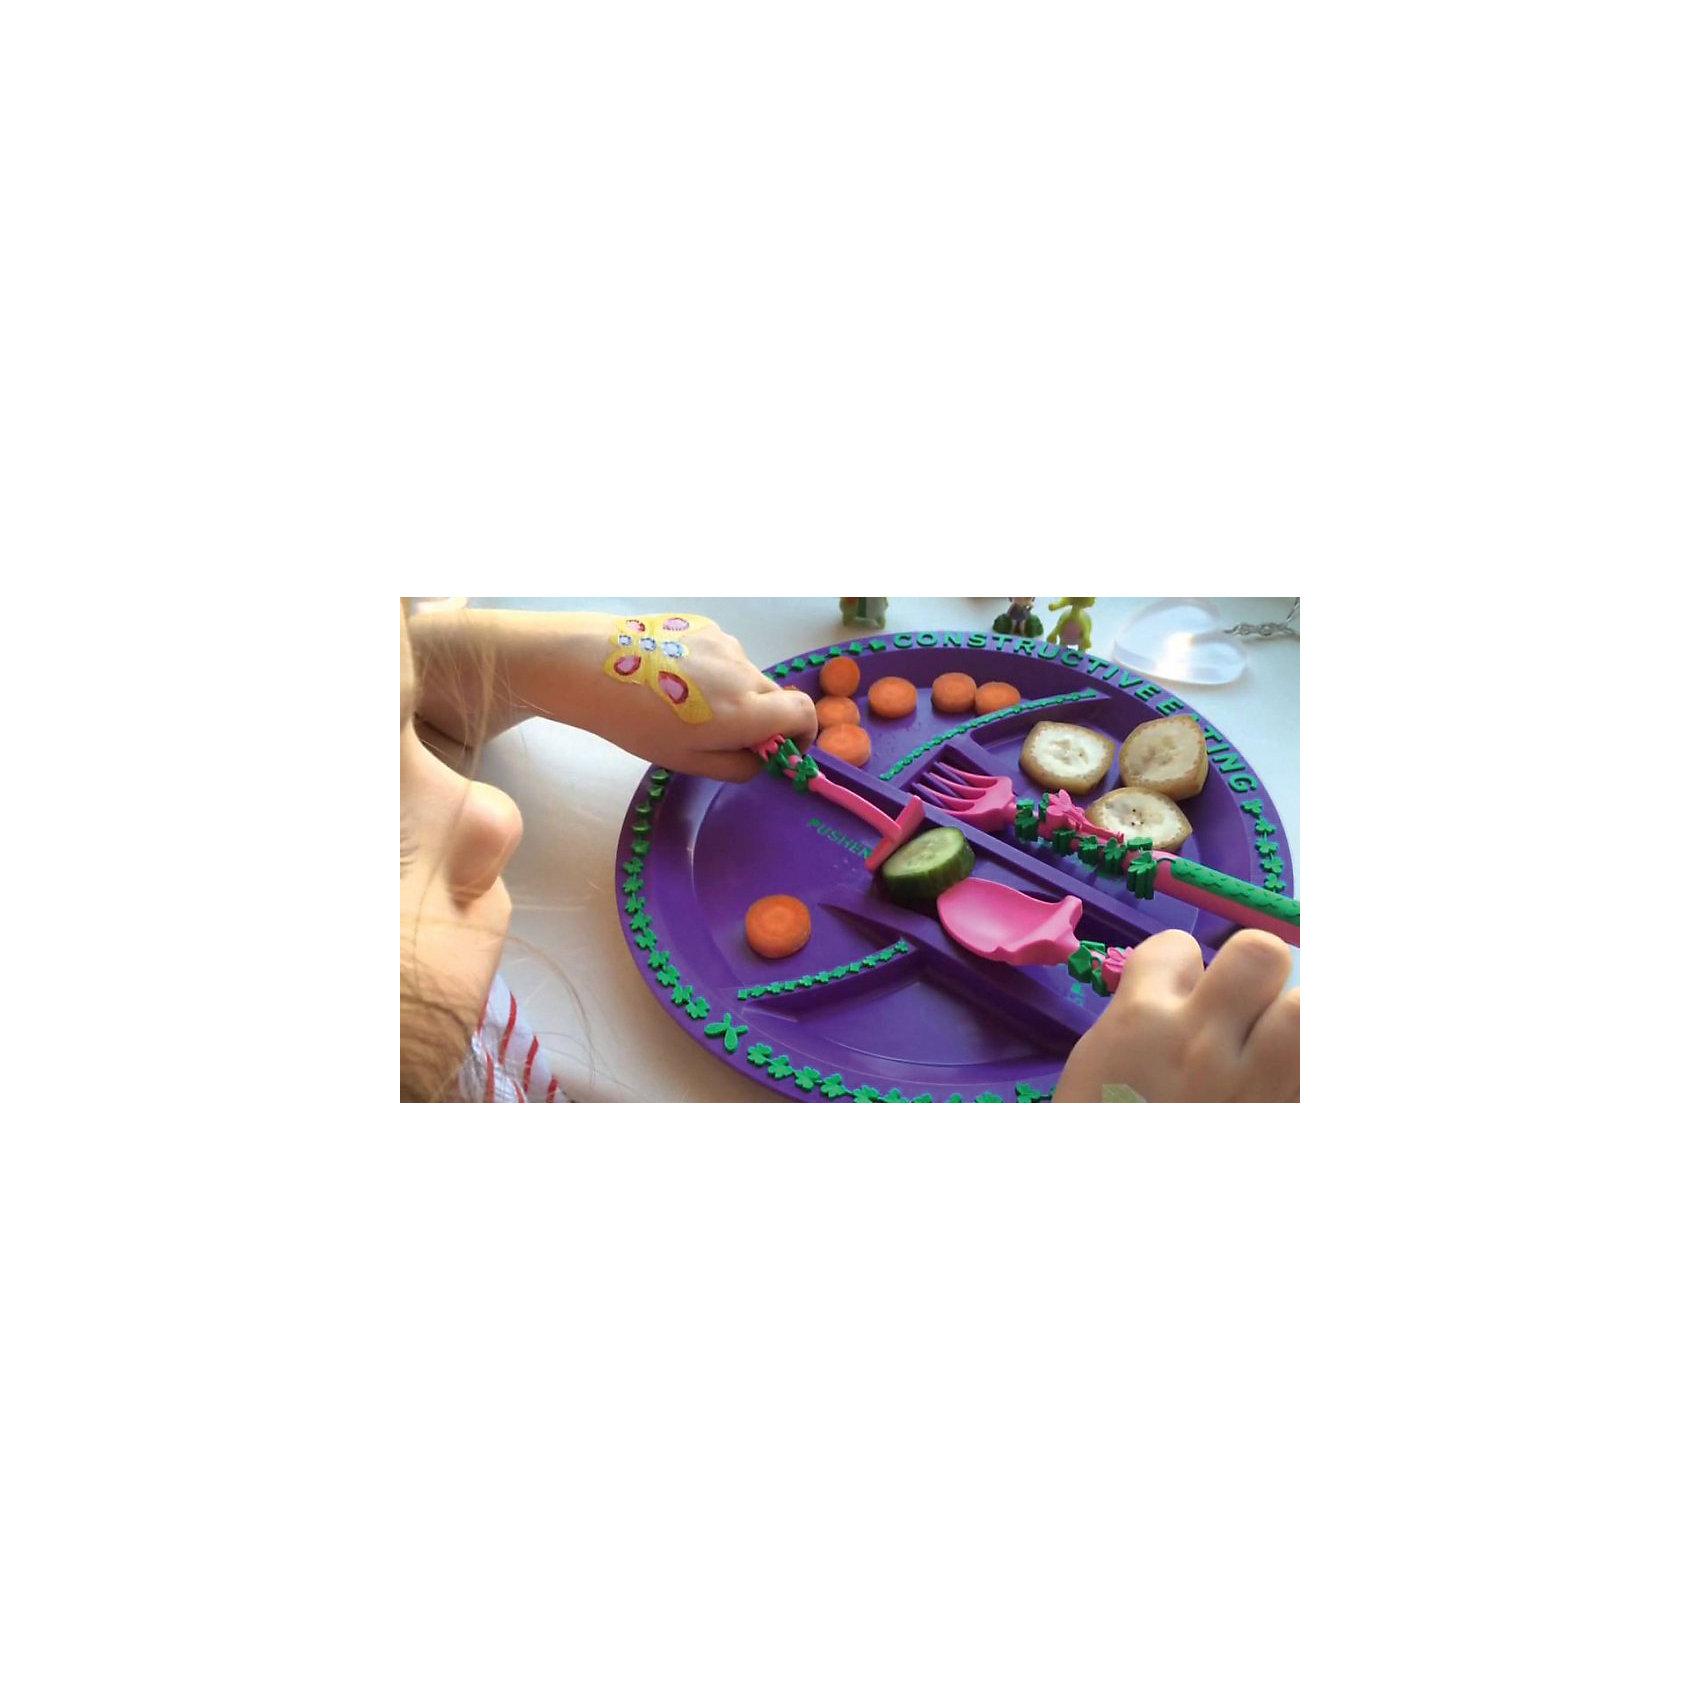 Набор из трех столовых приборов Серия Волшебный сад, Constructive Eating, розовый (Constructive eating)